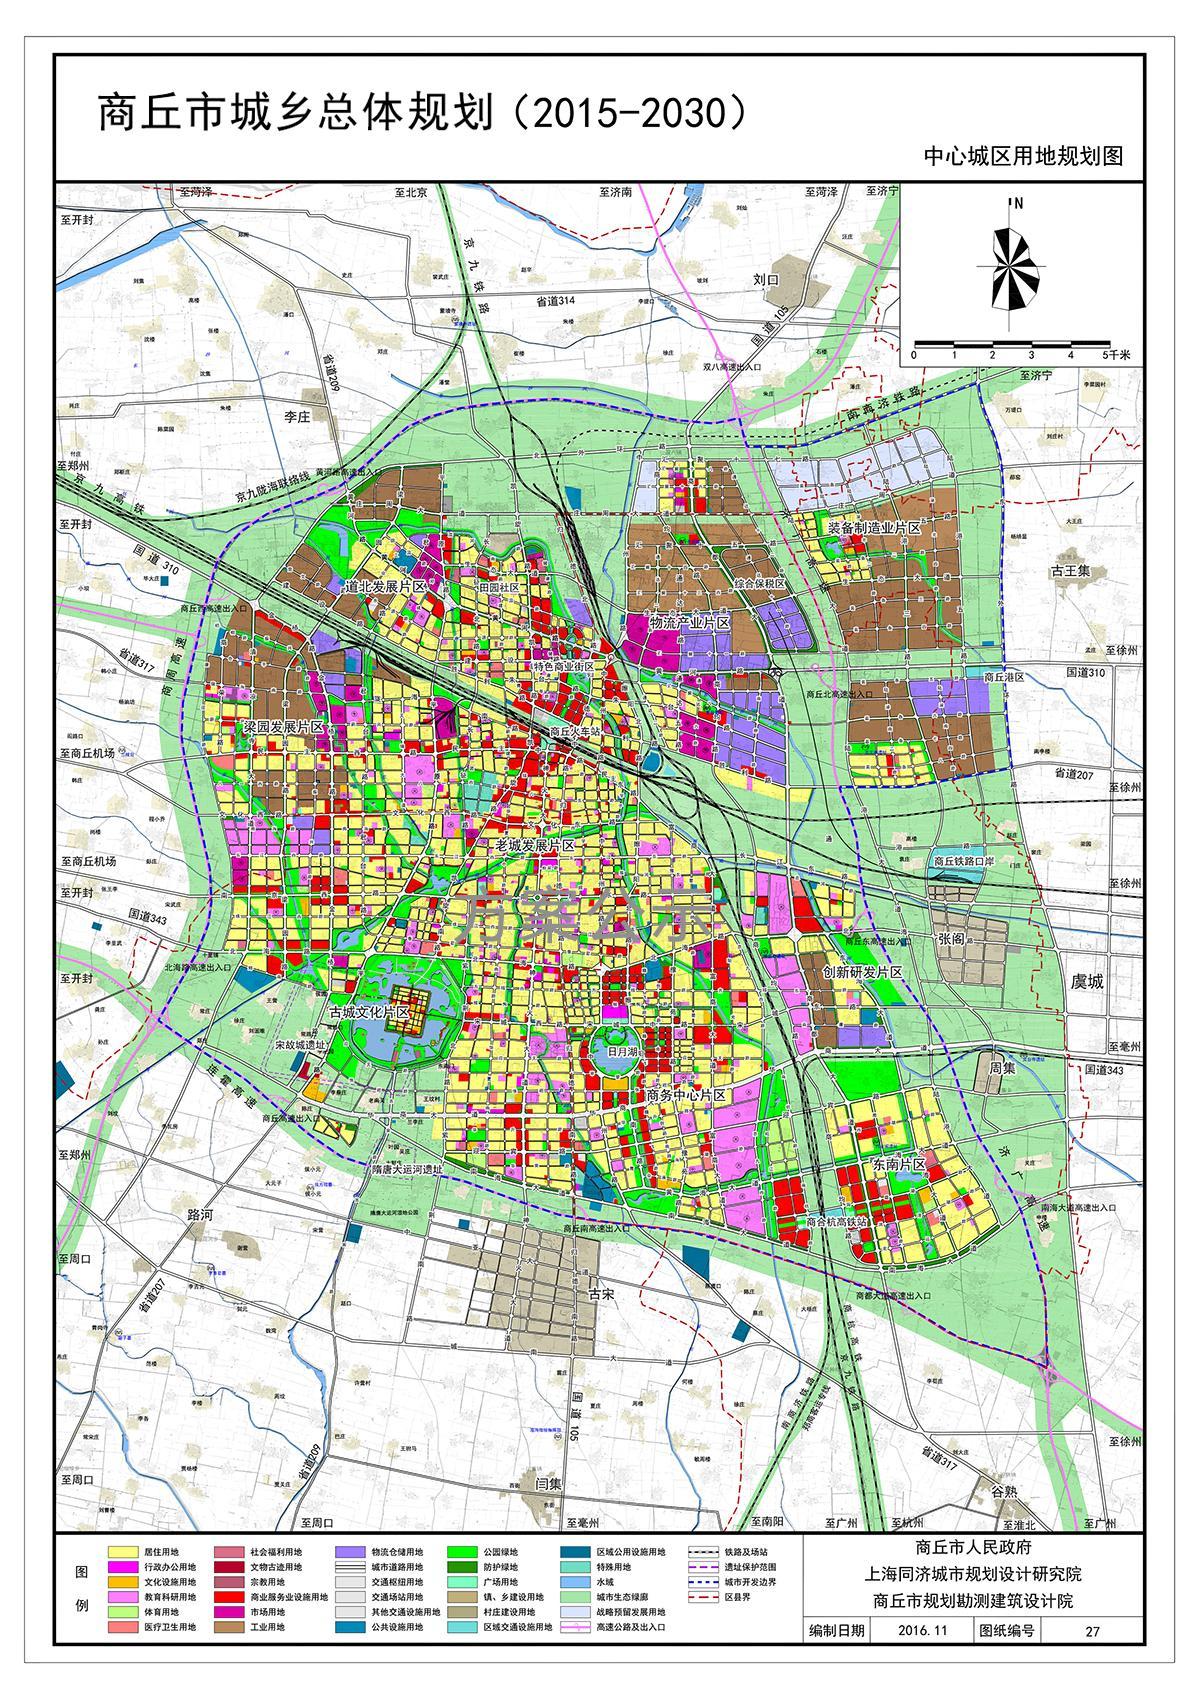 商丘市城市总体规划(2015—2030)